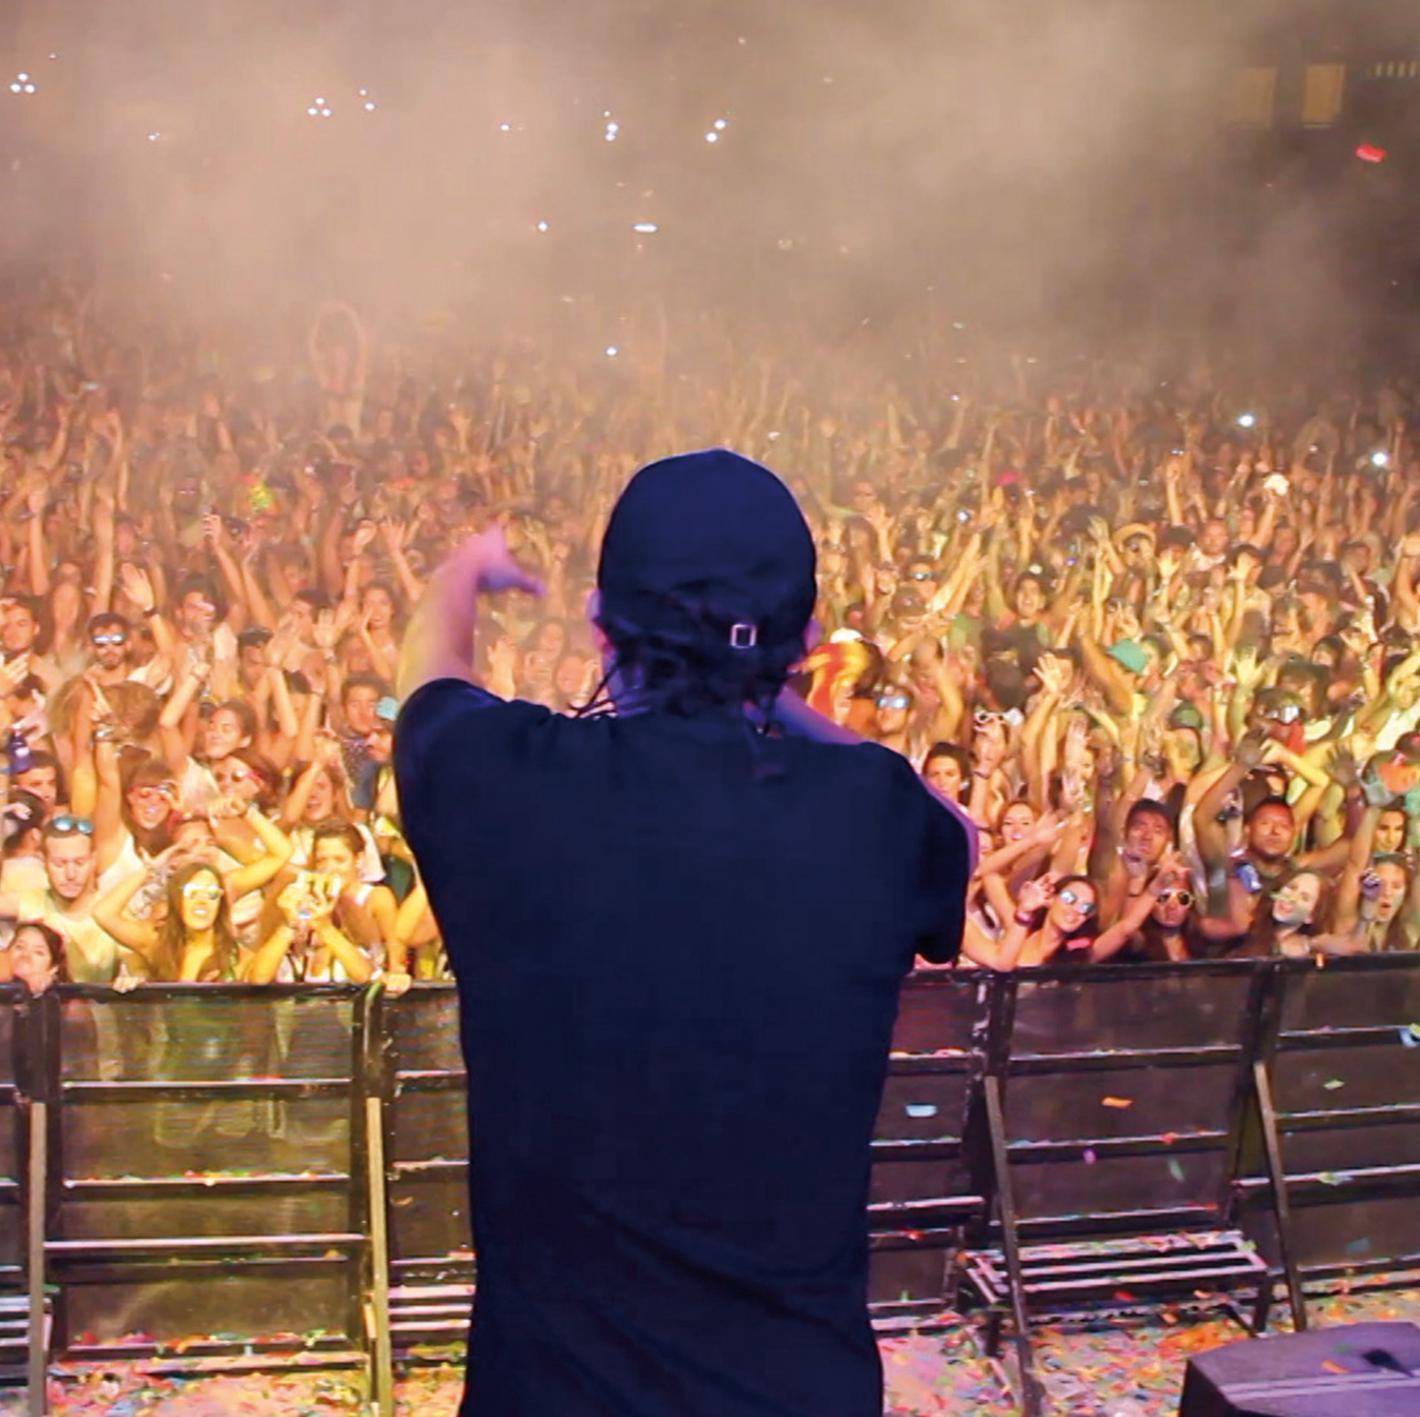 conciertos con mucha gente festivales de rap